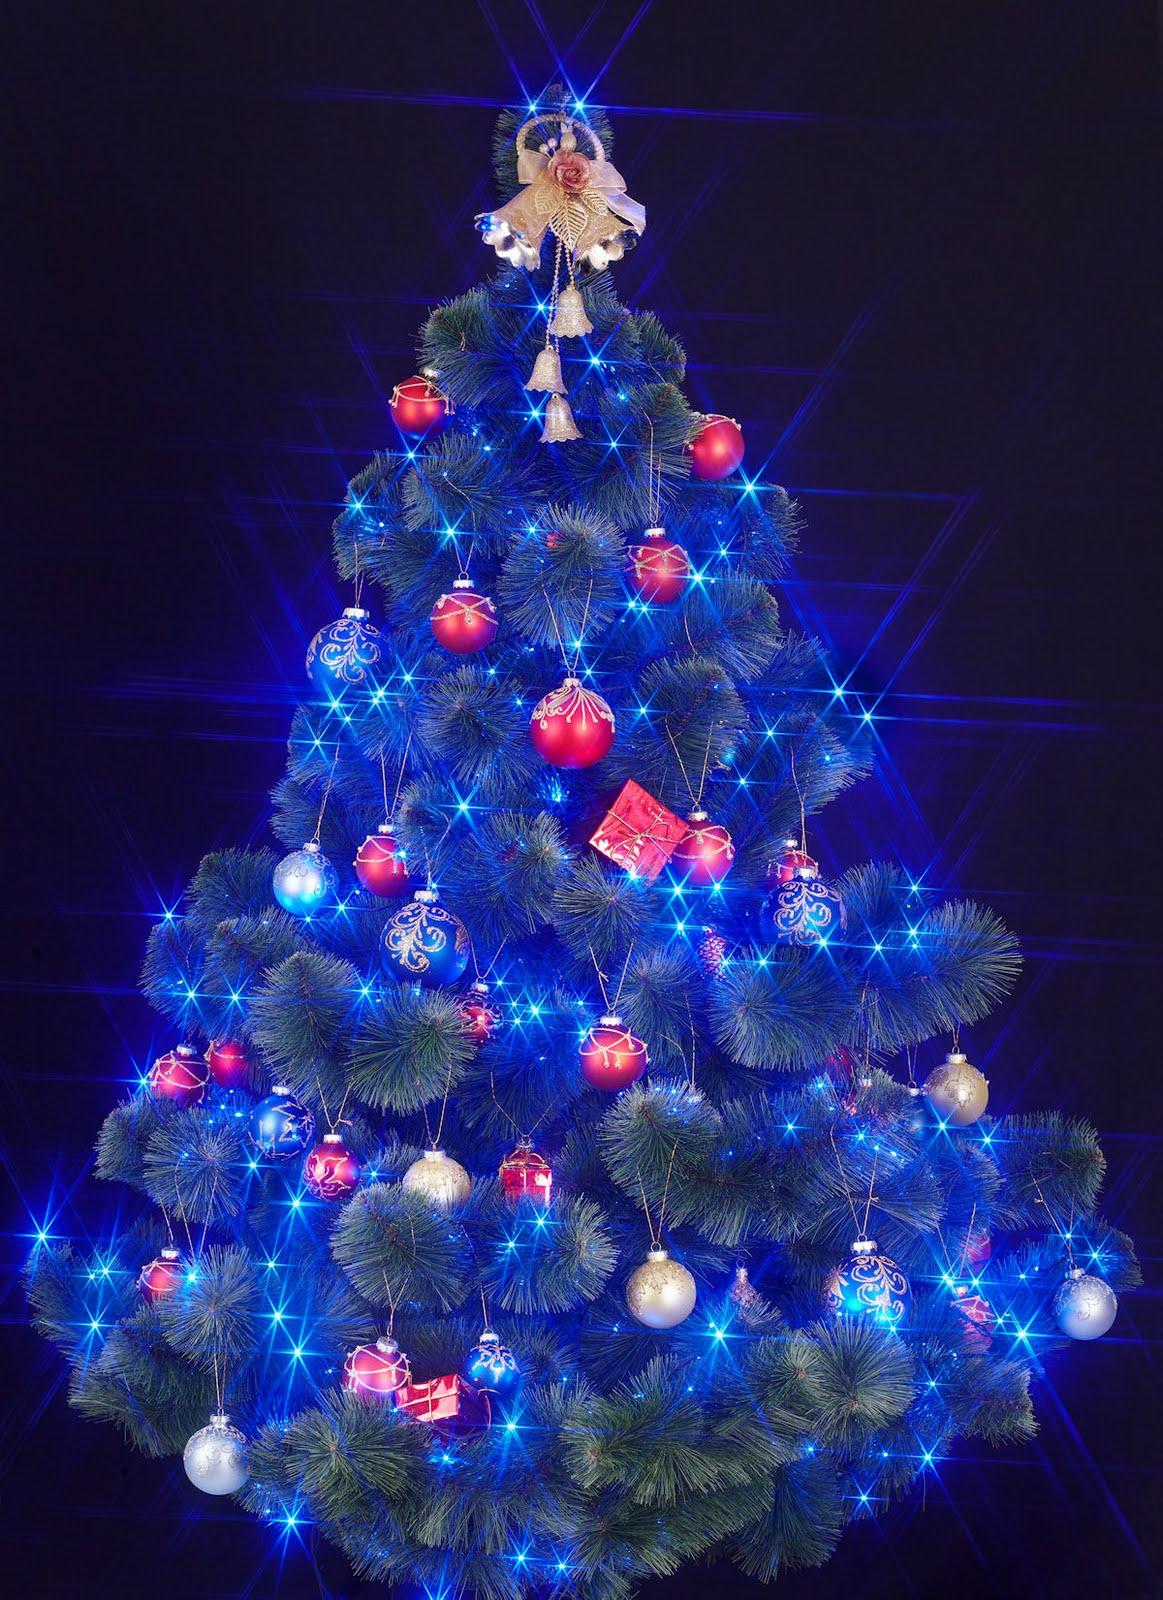 Especial de Fin de Año (Fotos de Árboles de Navidad)   Banco de ...